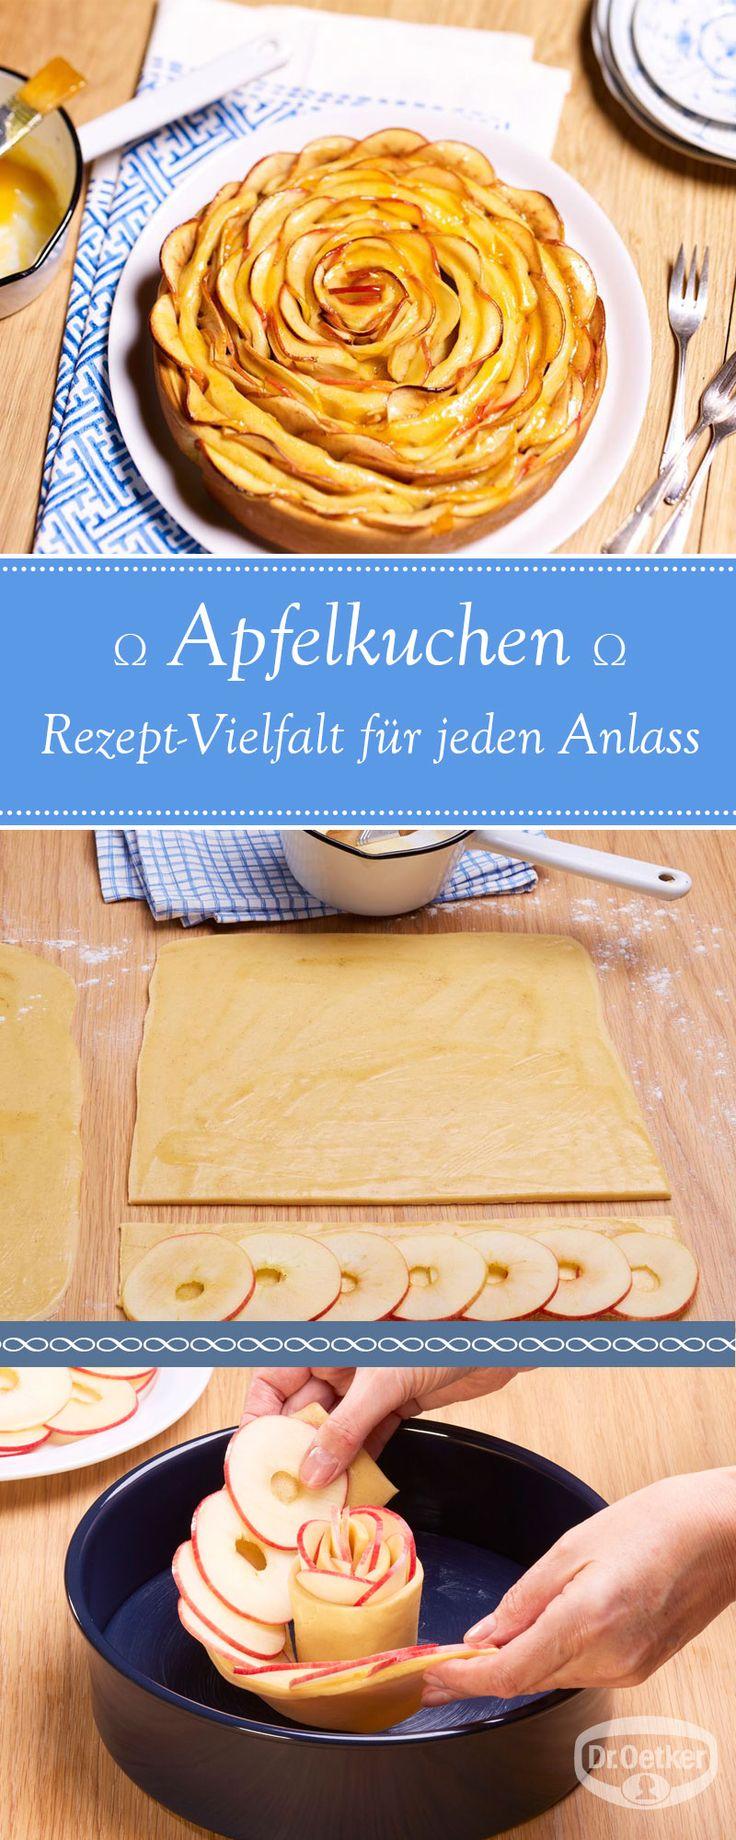 Lassen Sie sich von der großen Auswahl an Apfelkuchen-Rezepten, die von der Dr. Oetker Versuchsküche entwickelt wurden, inspirieren.